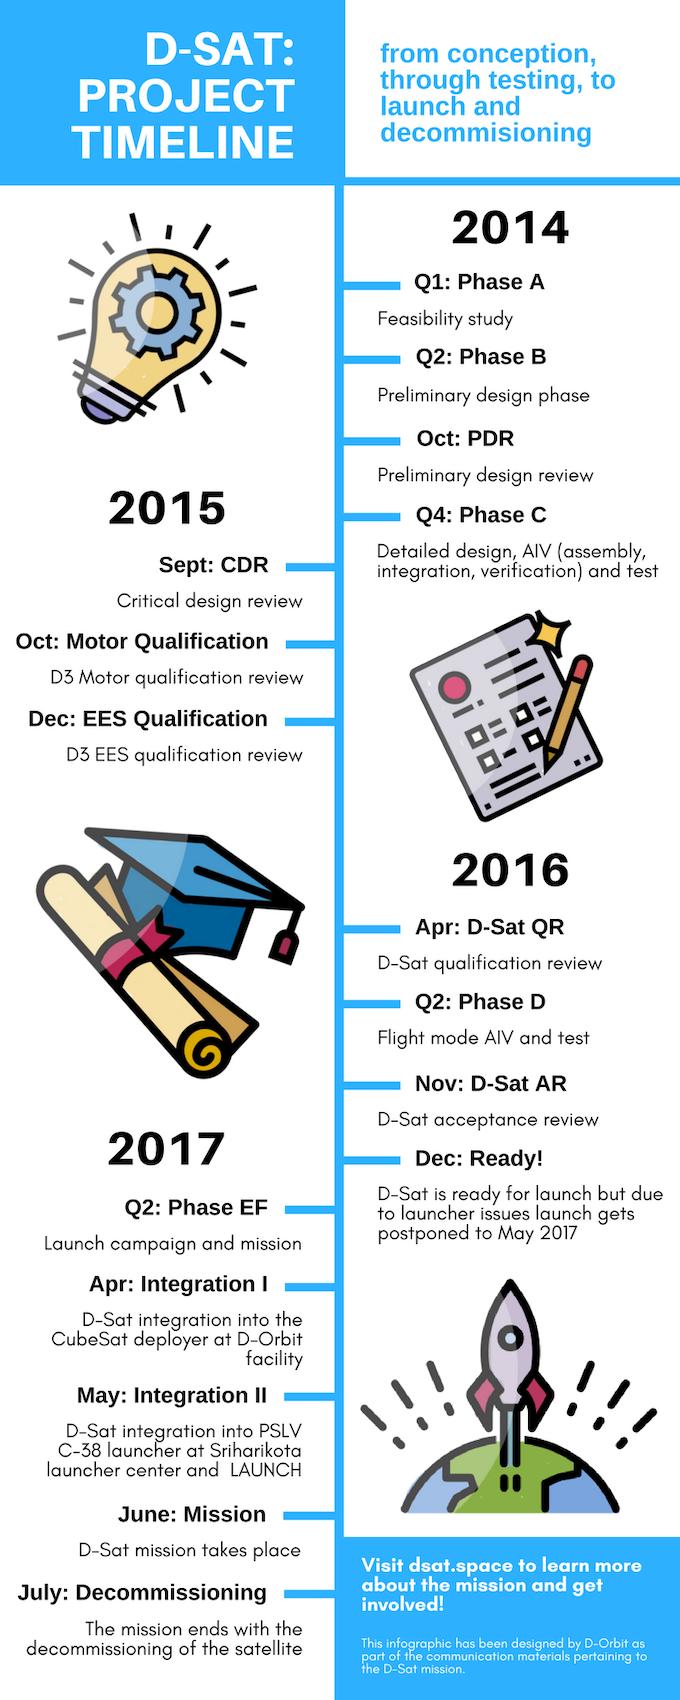 D-Sat: Project timeline